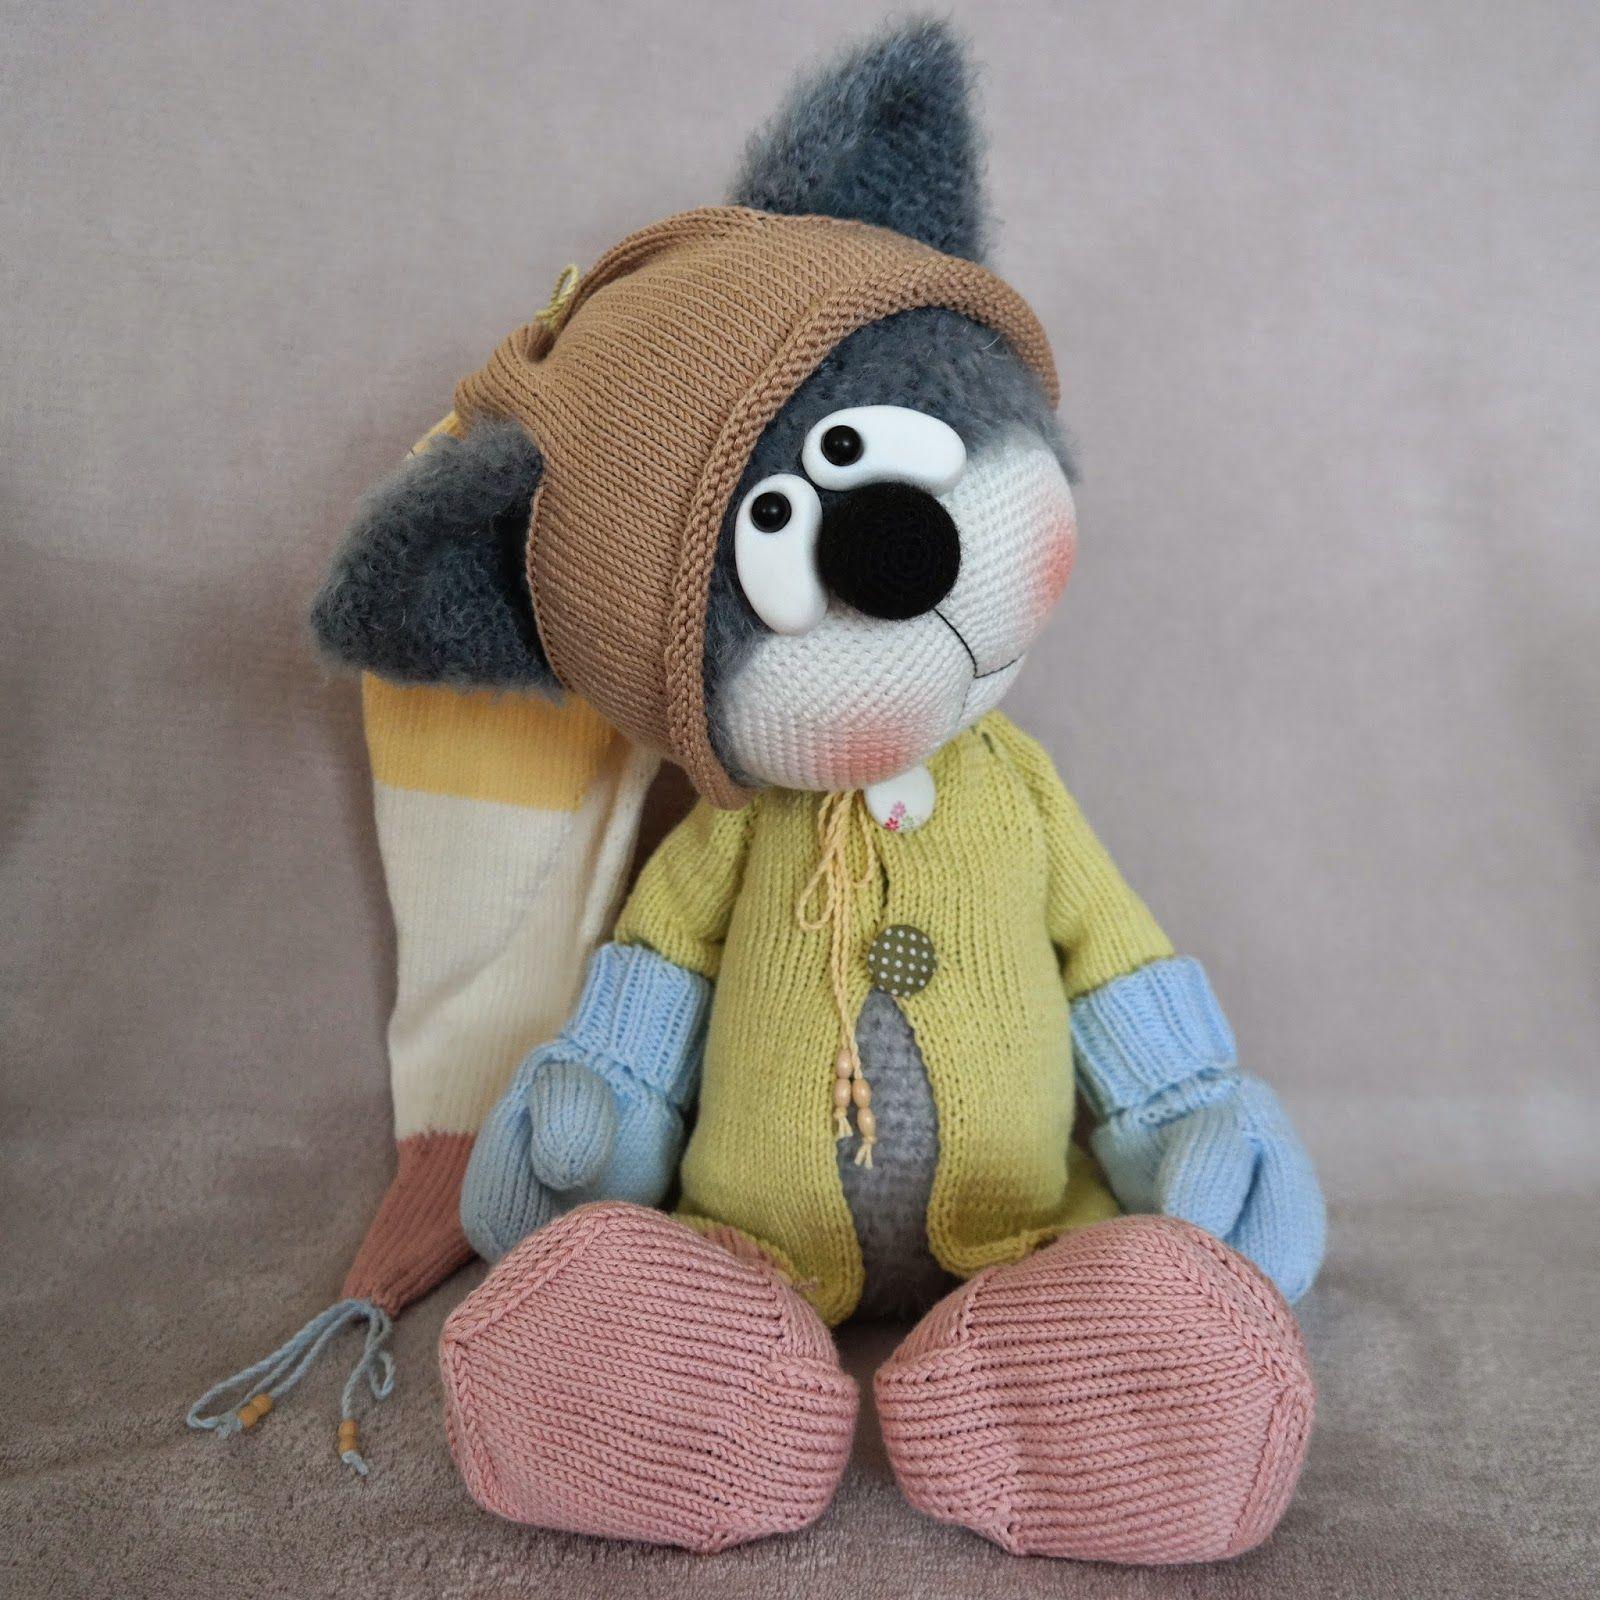 crochet #cat | сделай сам | Pinterest | Häkeltiere, Amigurumi und Häkeln